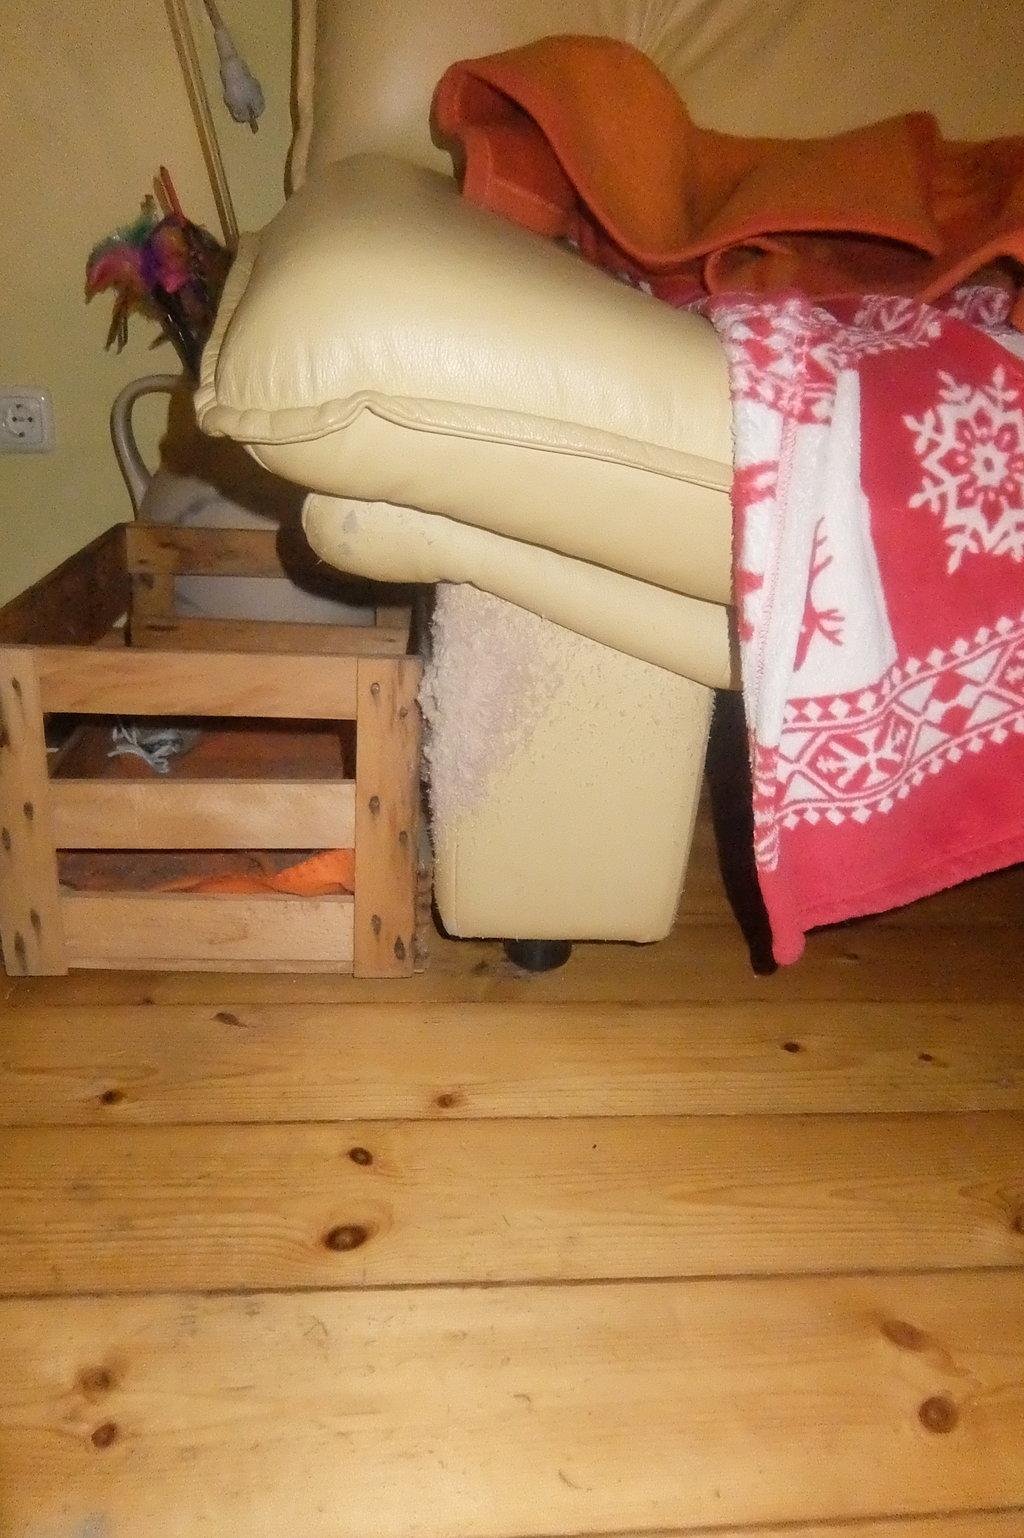 kratzm glichkeiten bieten wie viel katzen forum. Black Bedroom Furniture Sets. Home Design Ideas